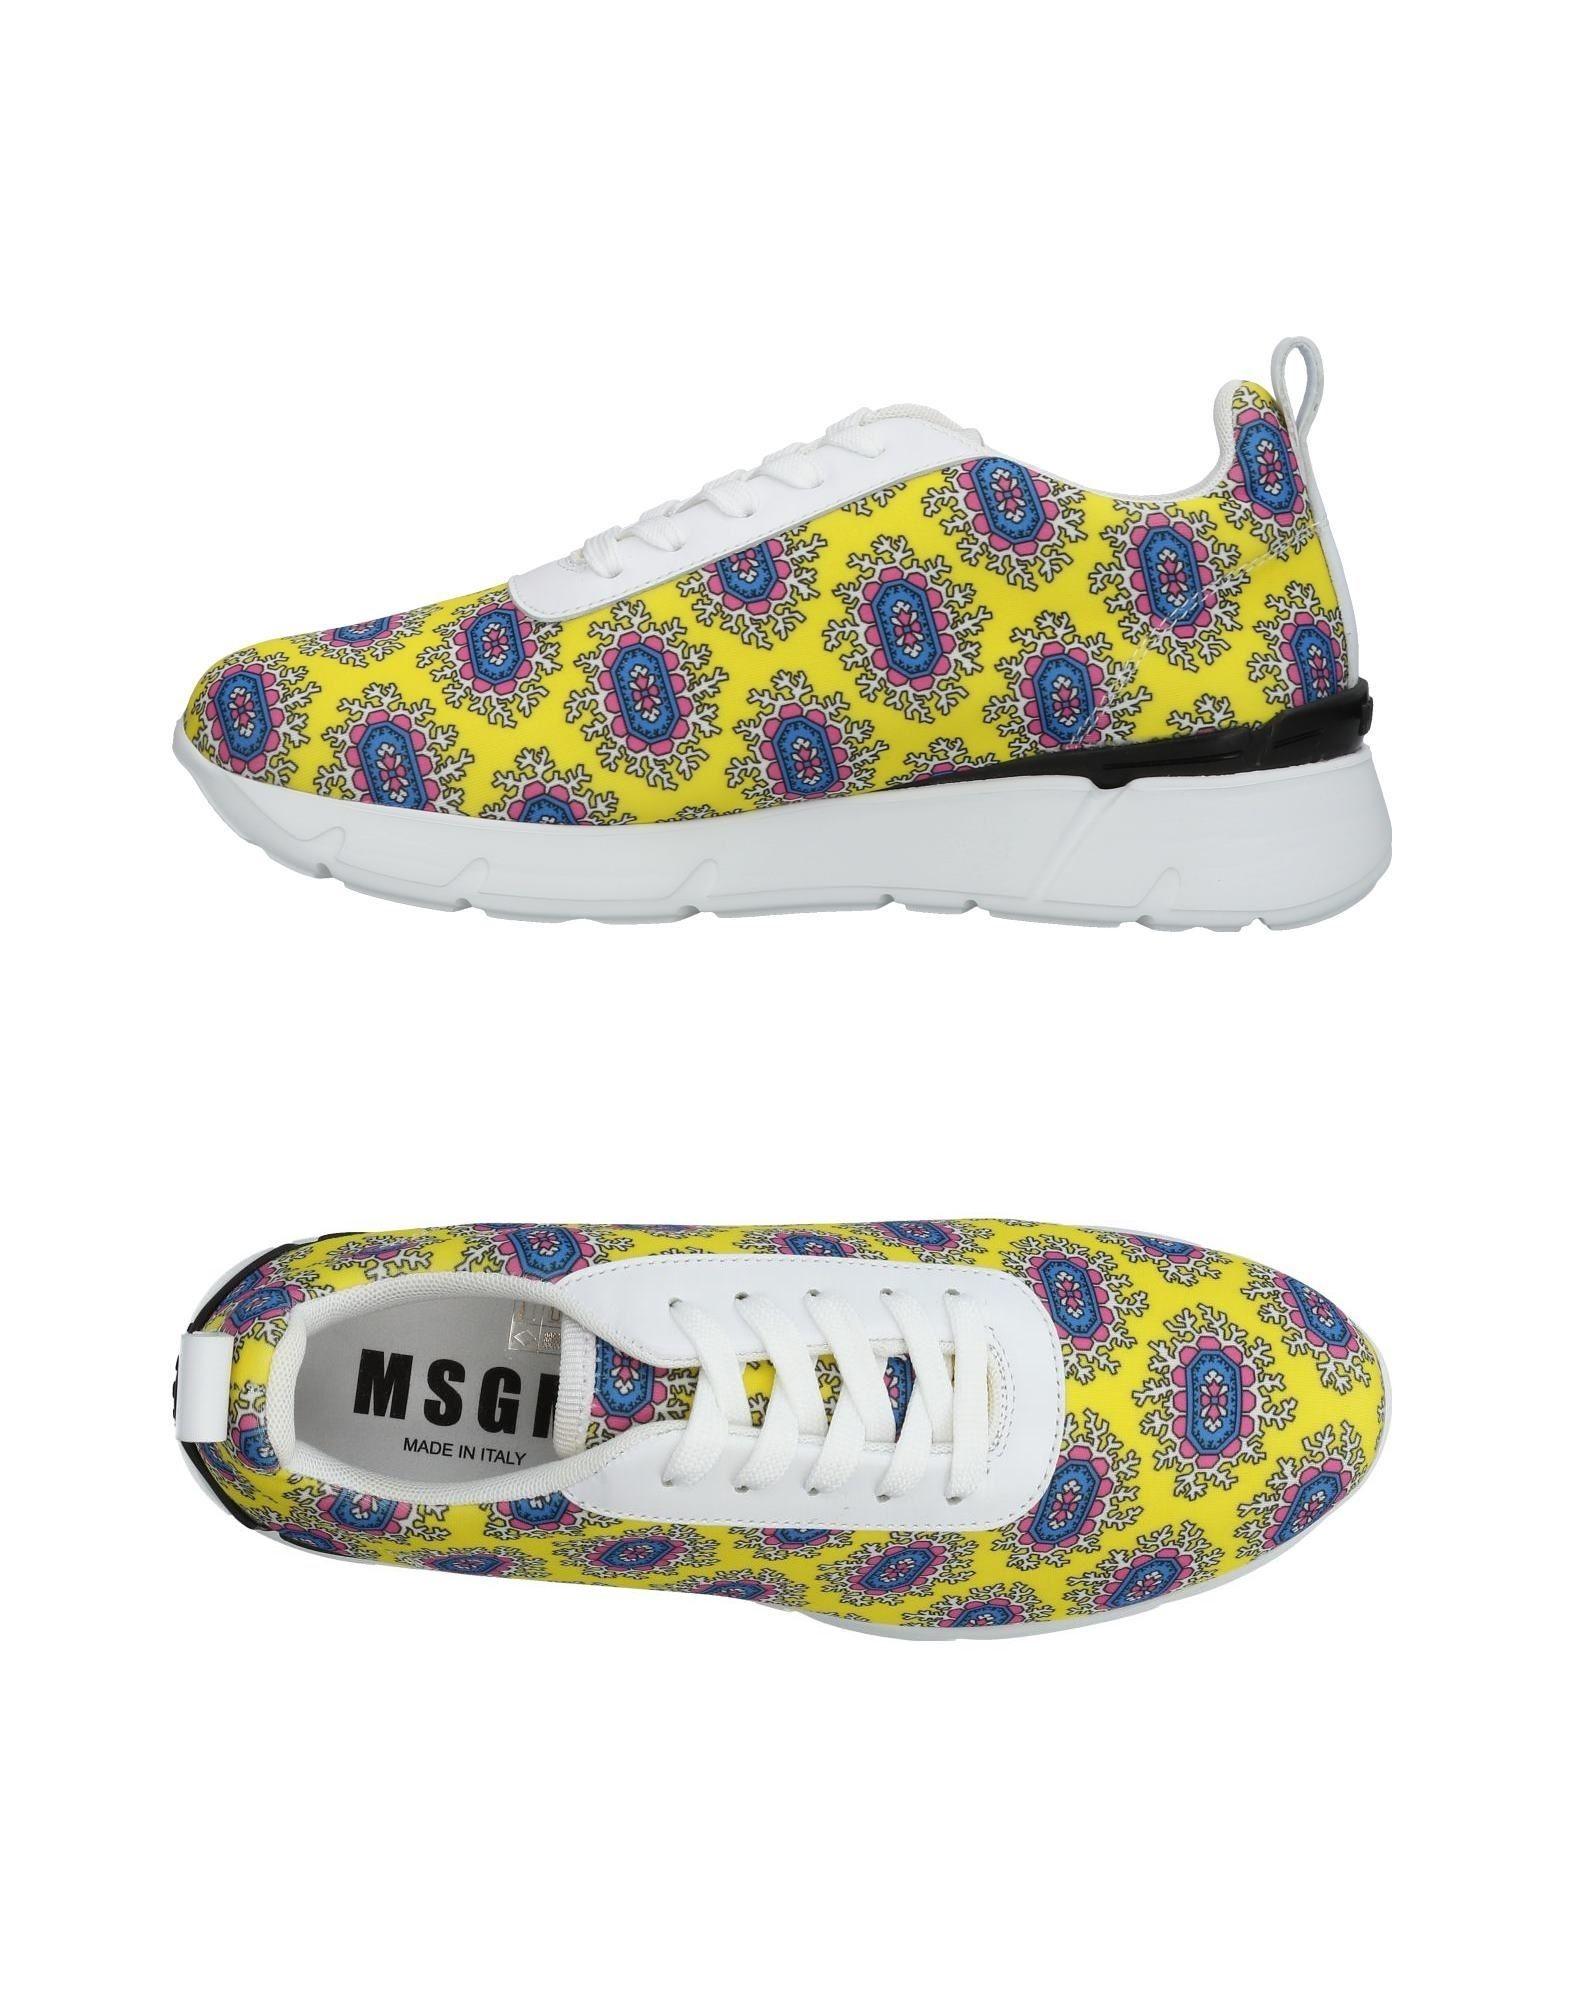 Gran descuento - Zapatillas Msgm Mujer - descuento Zapatillas Msgm  Amarillo e7ce56